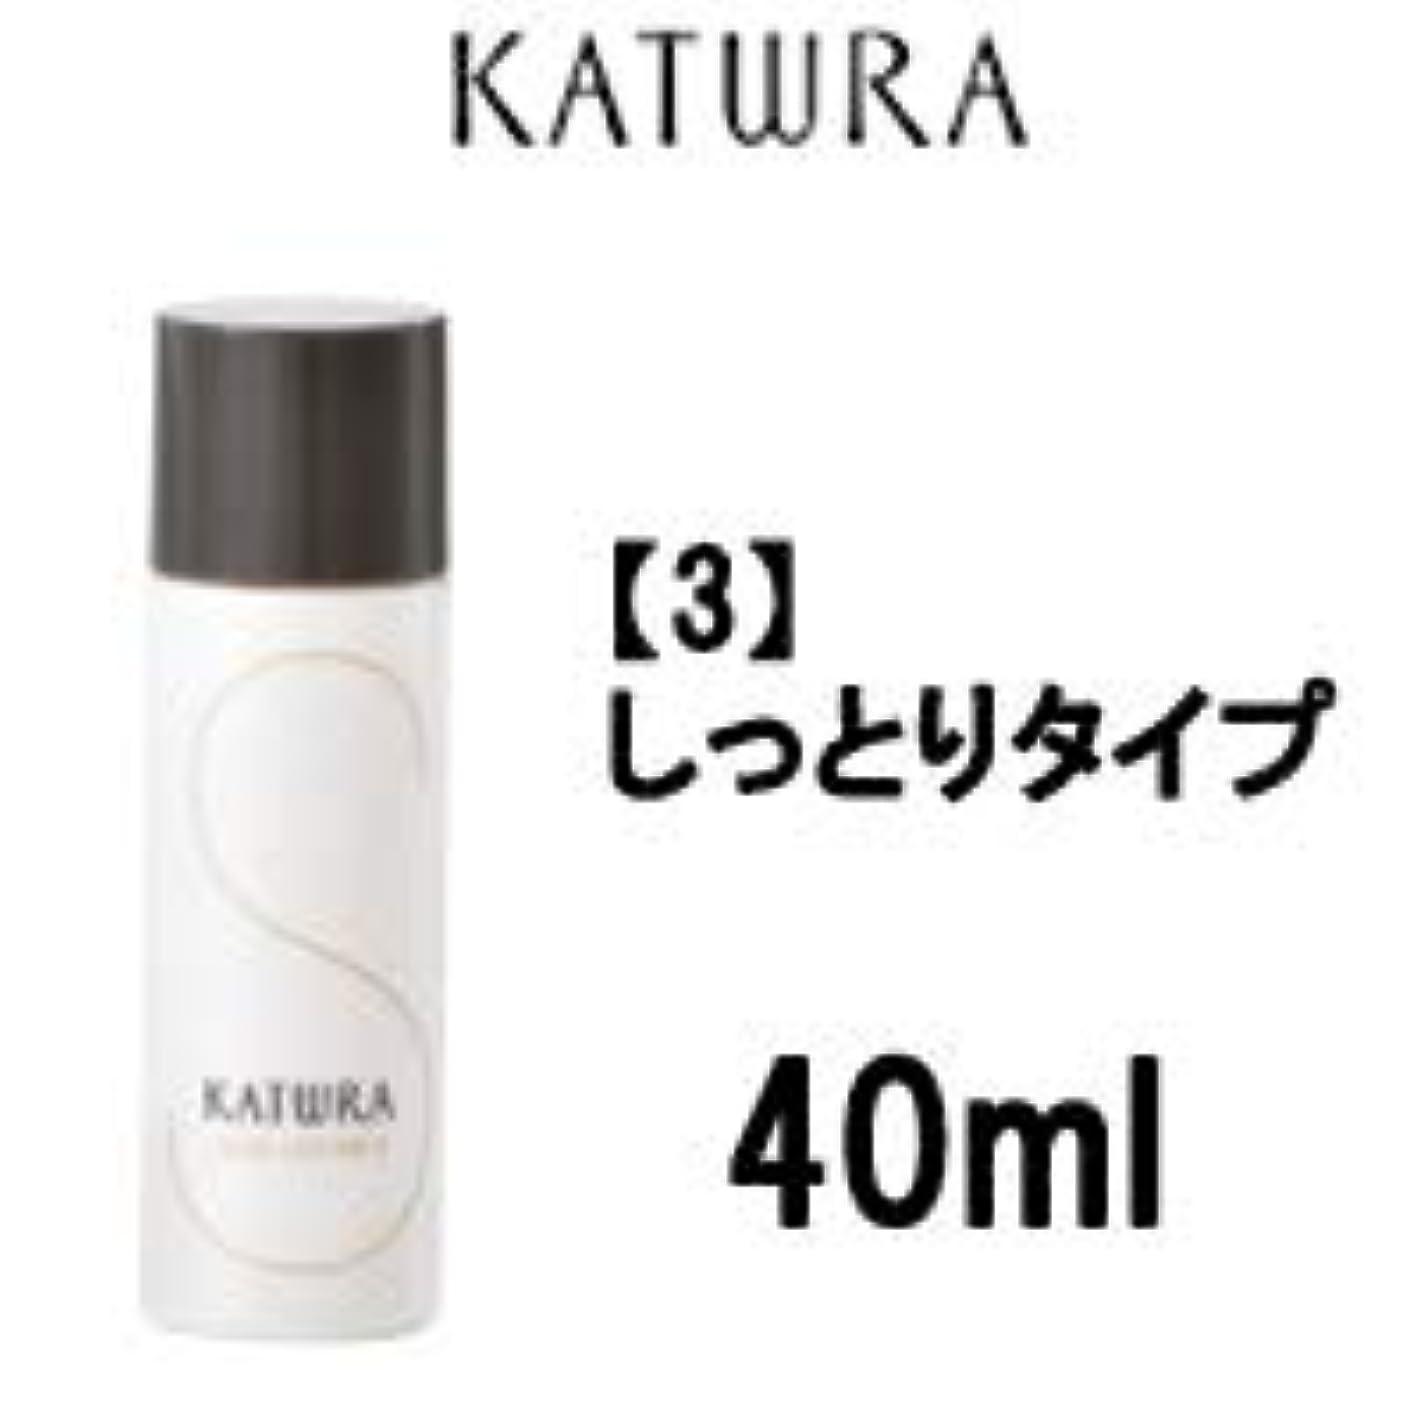 実り多い過敏な測定カツウラ化粧品 スキンローションA 40ml (3 しっとりタイプ)